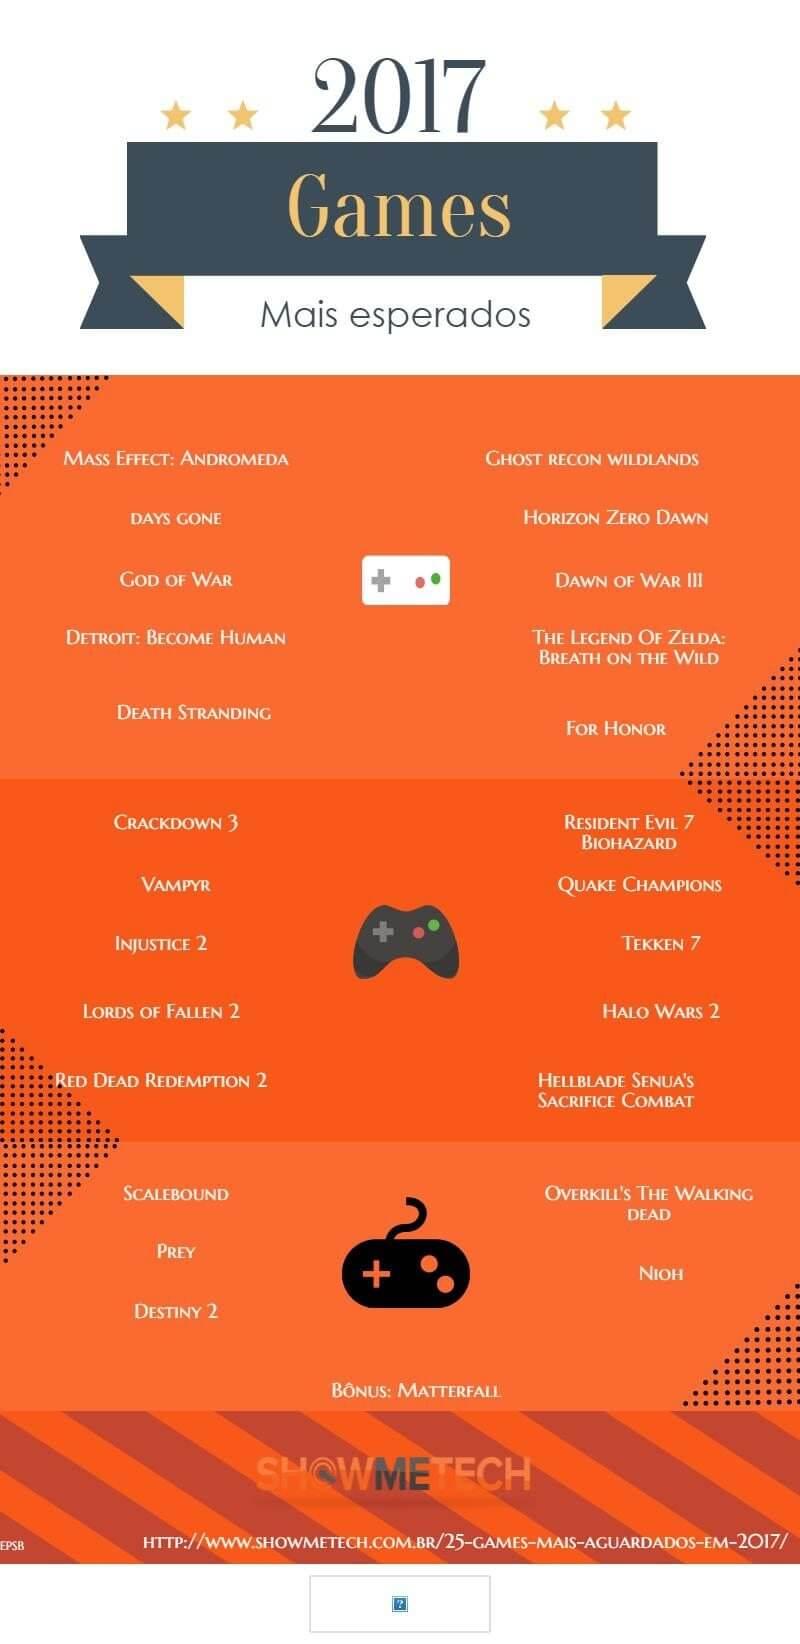 25 games mais esperados de 2017 jpg - 25 games mais aguardados em 2017